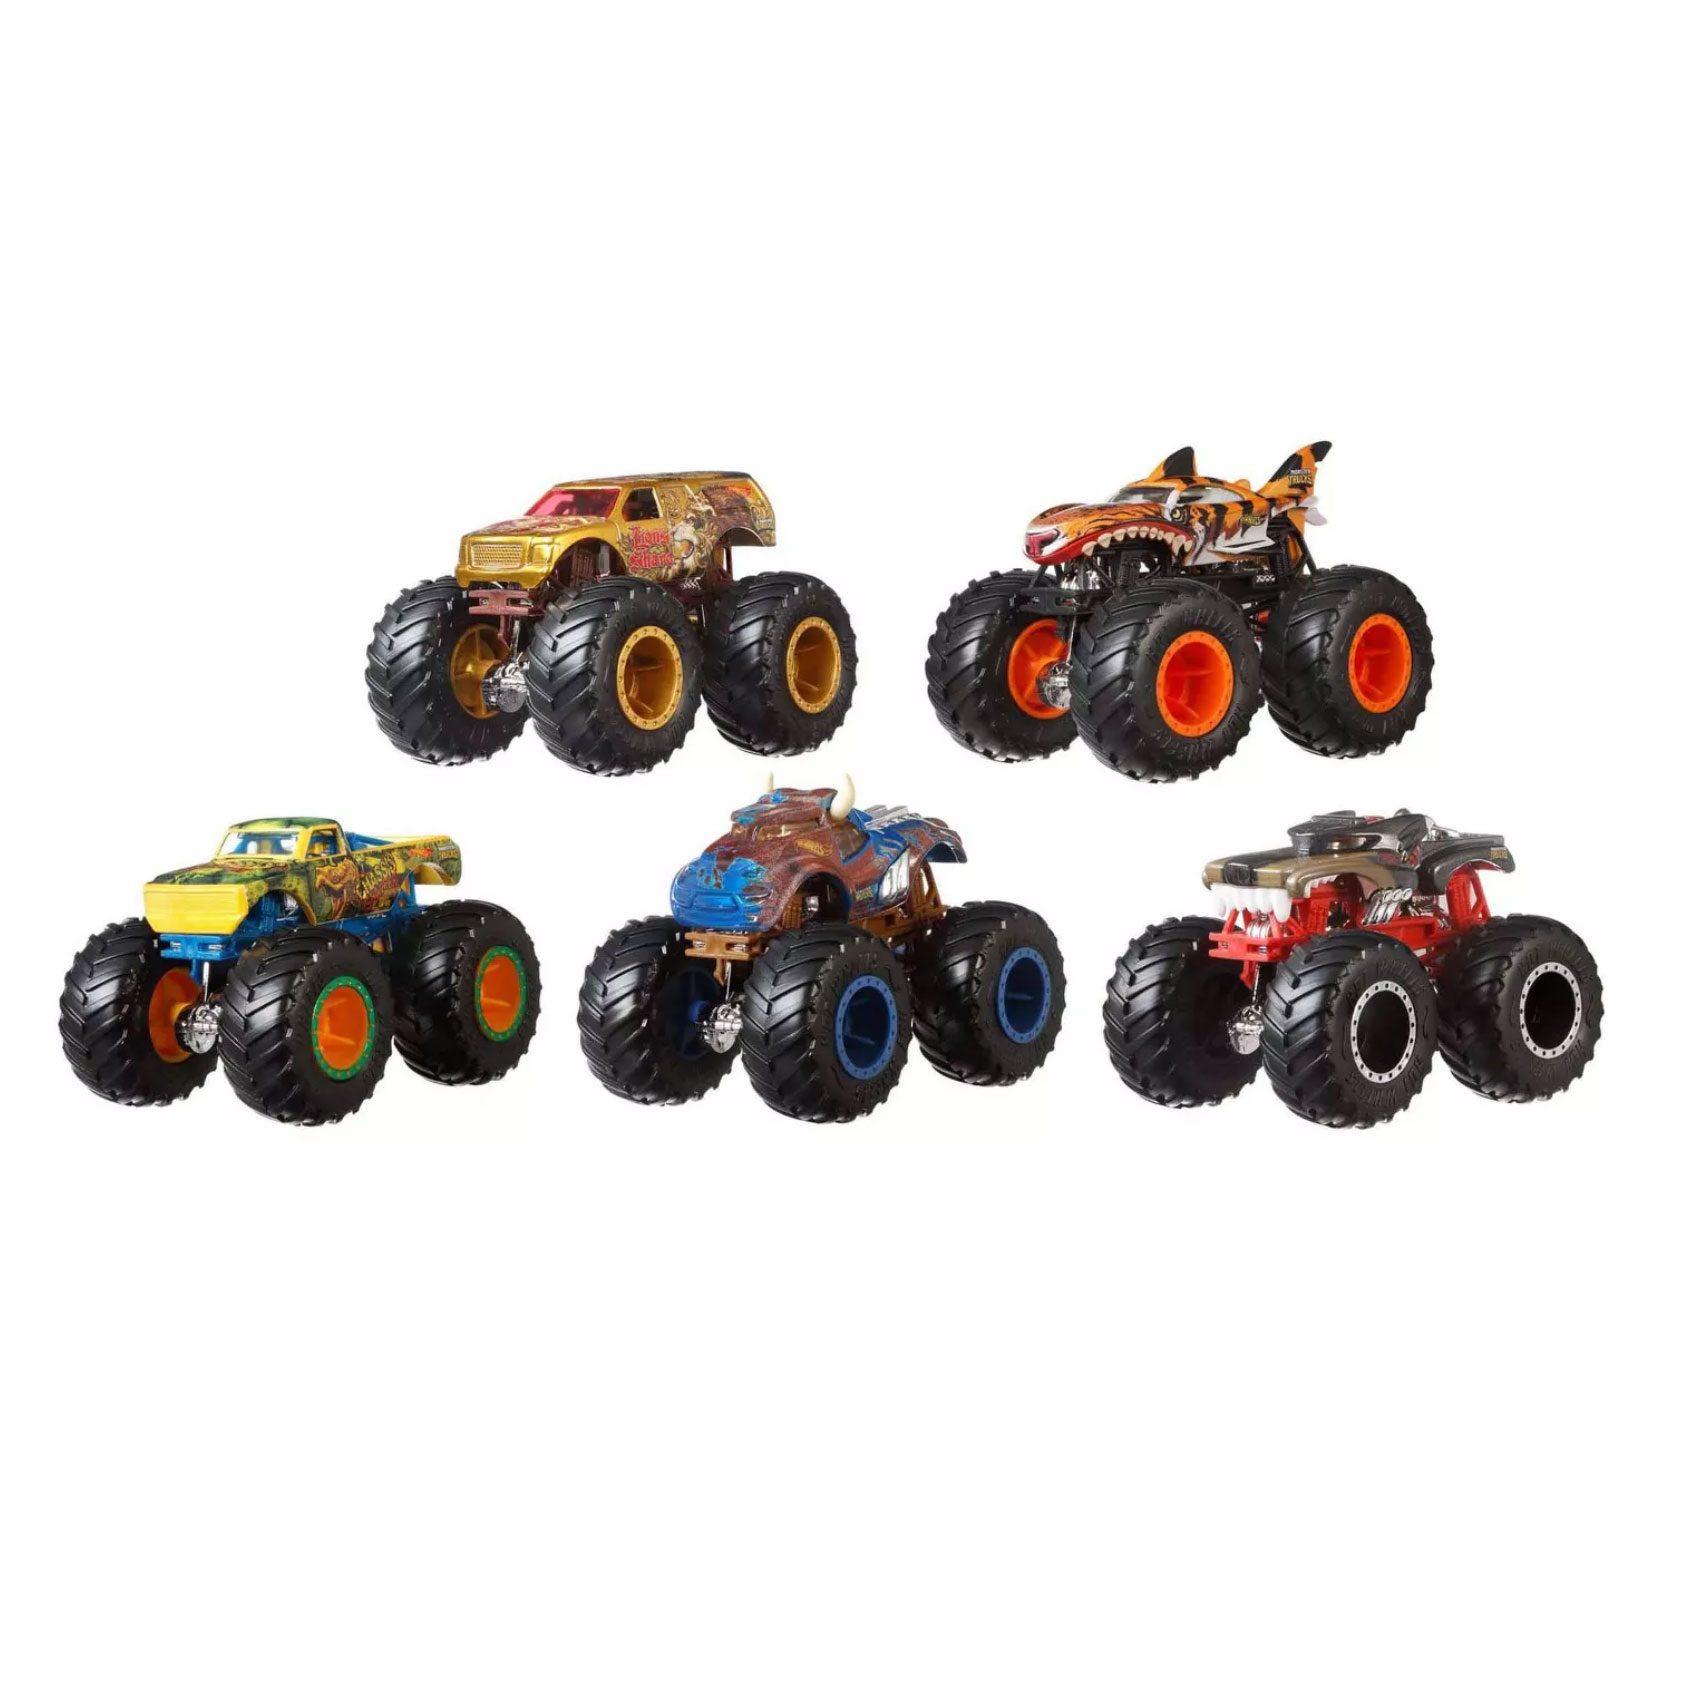 Hot Wheels Monster Trucks, 5-pack